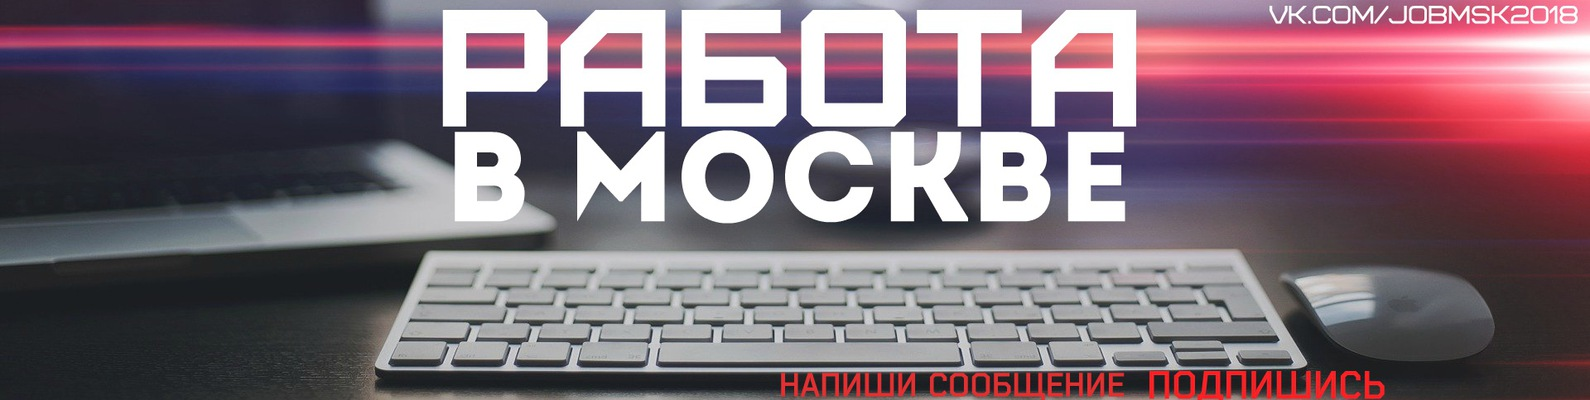 Удаленная работа бухгалтер в москве вакансии юрист на удаленную работу вакансии в москве